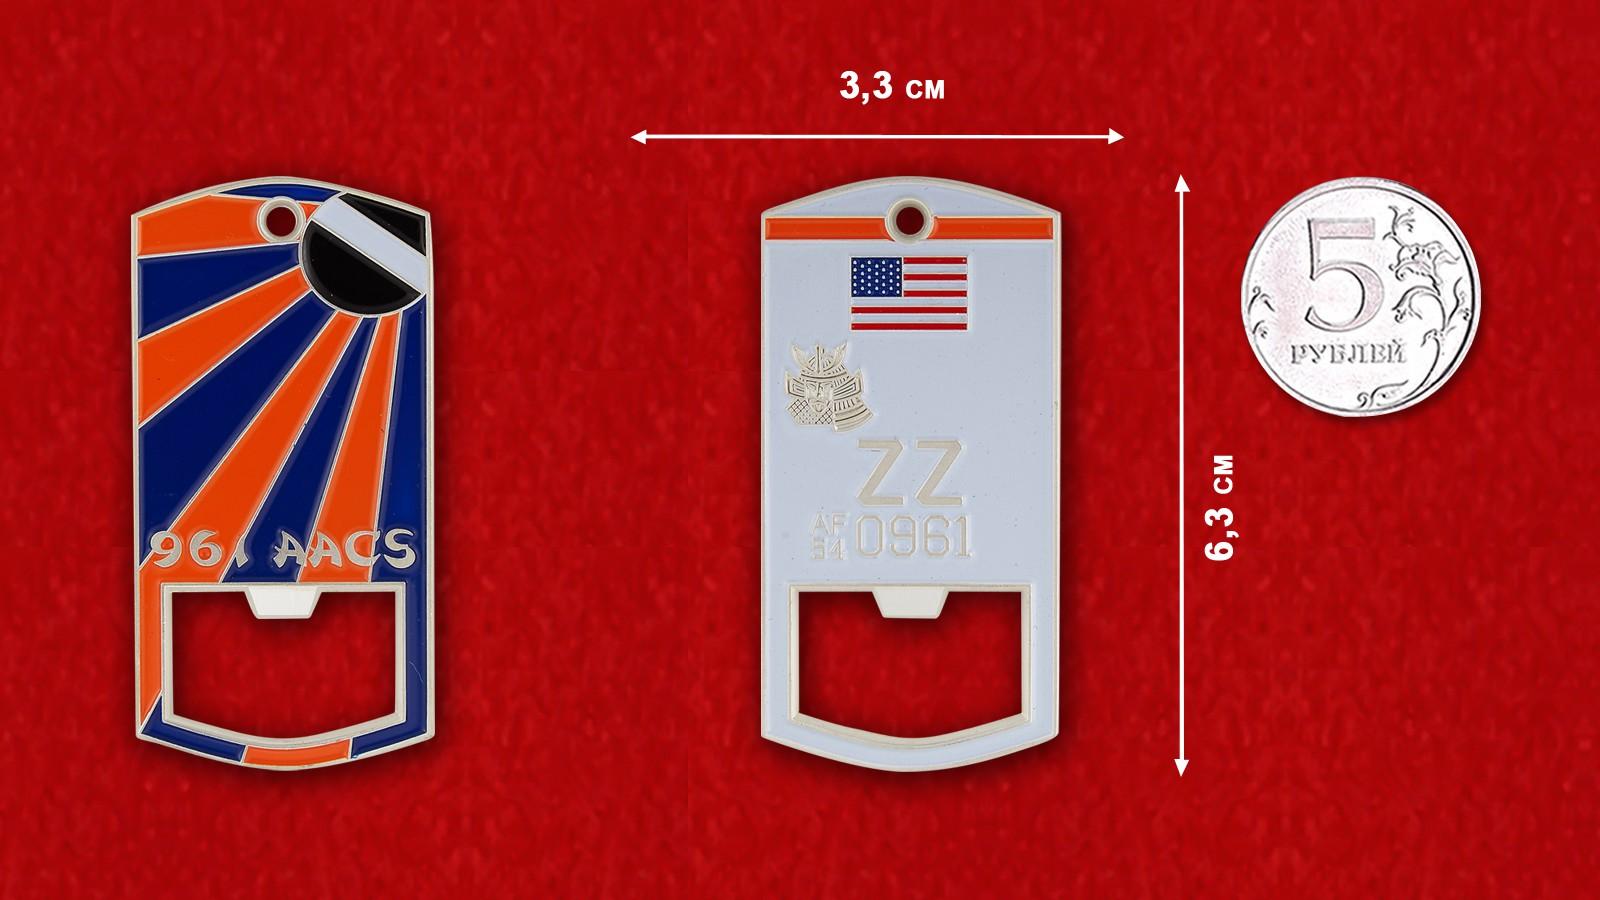 Челлендж коин-открывашка 961-й Эскадрильи наведения авиации оперативного управления ВДВ США - линейные размеры